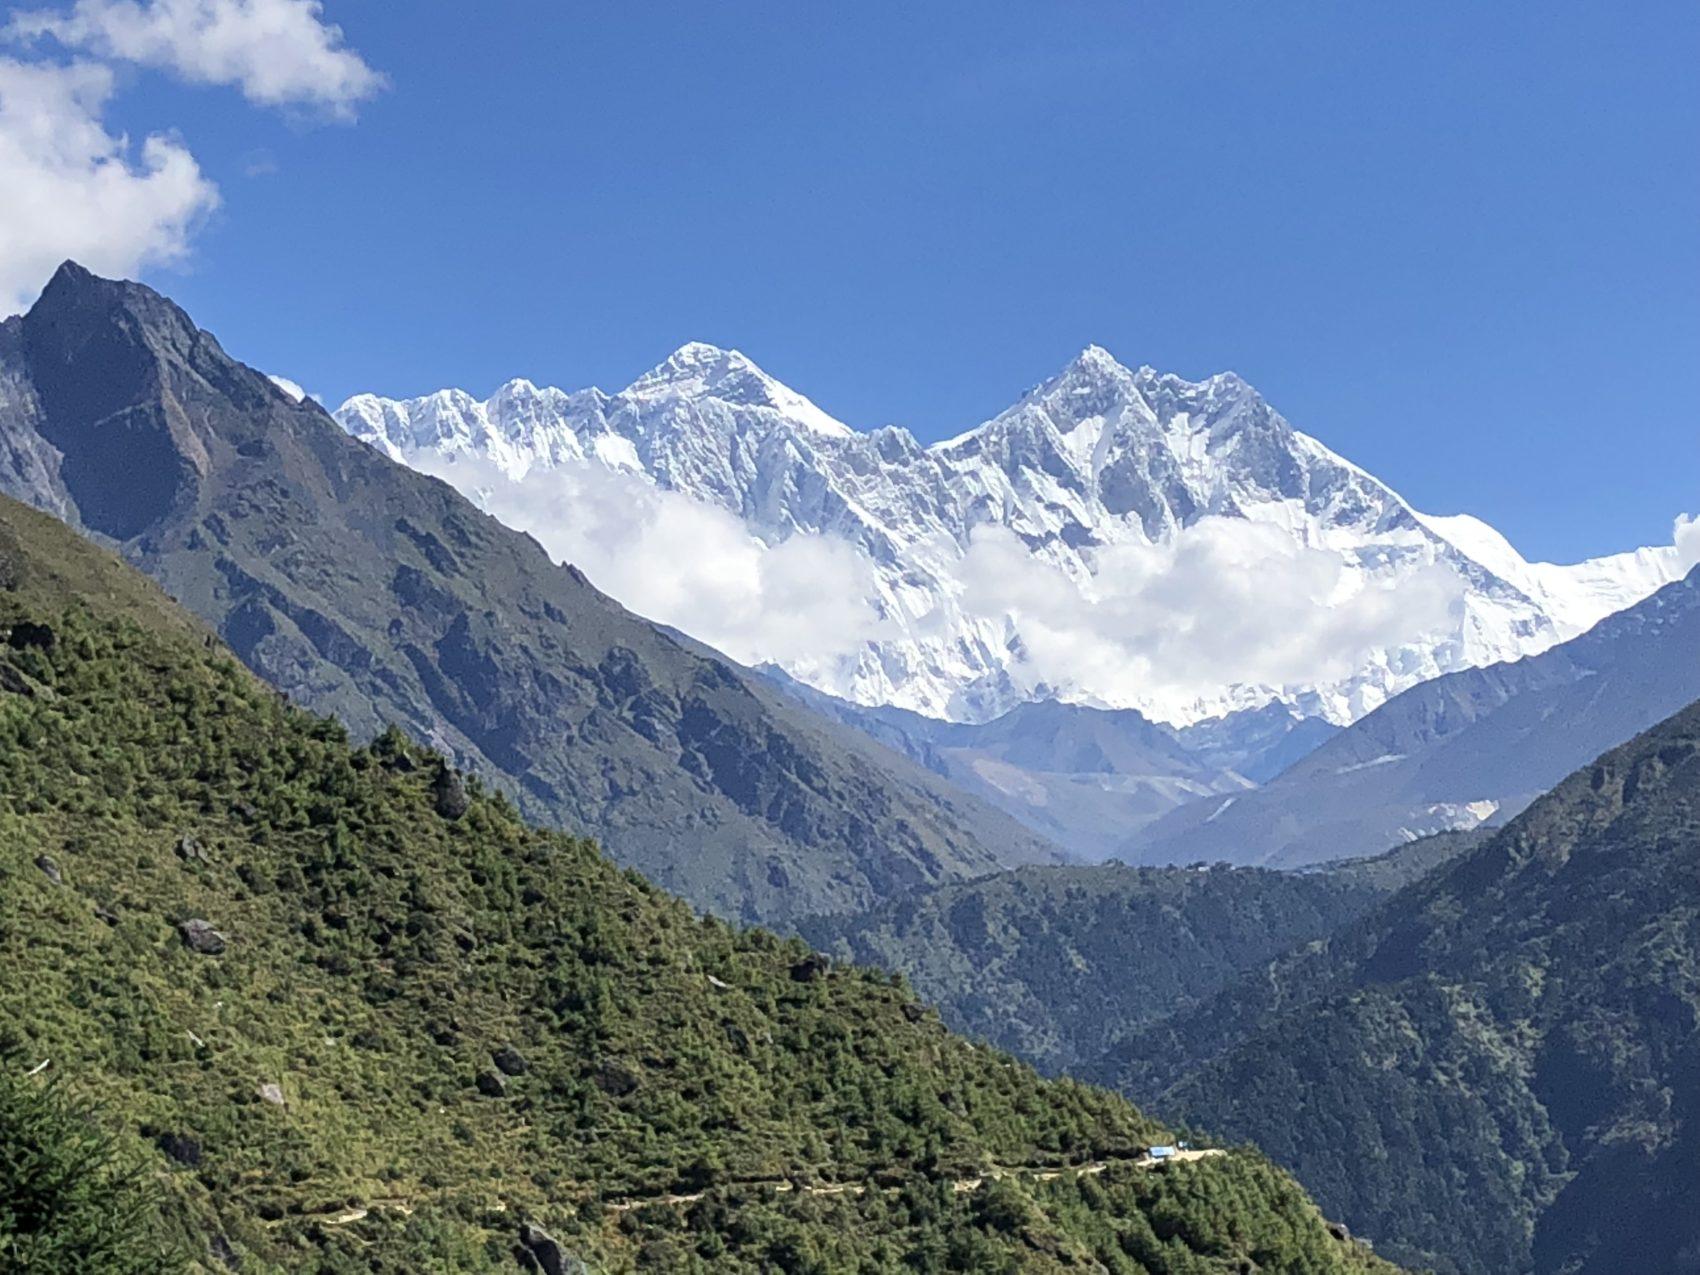 À gauche au second l'Everest, puis devant sur laq droite, le Lhotse